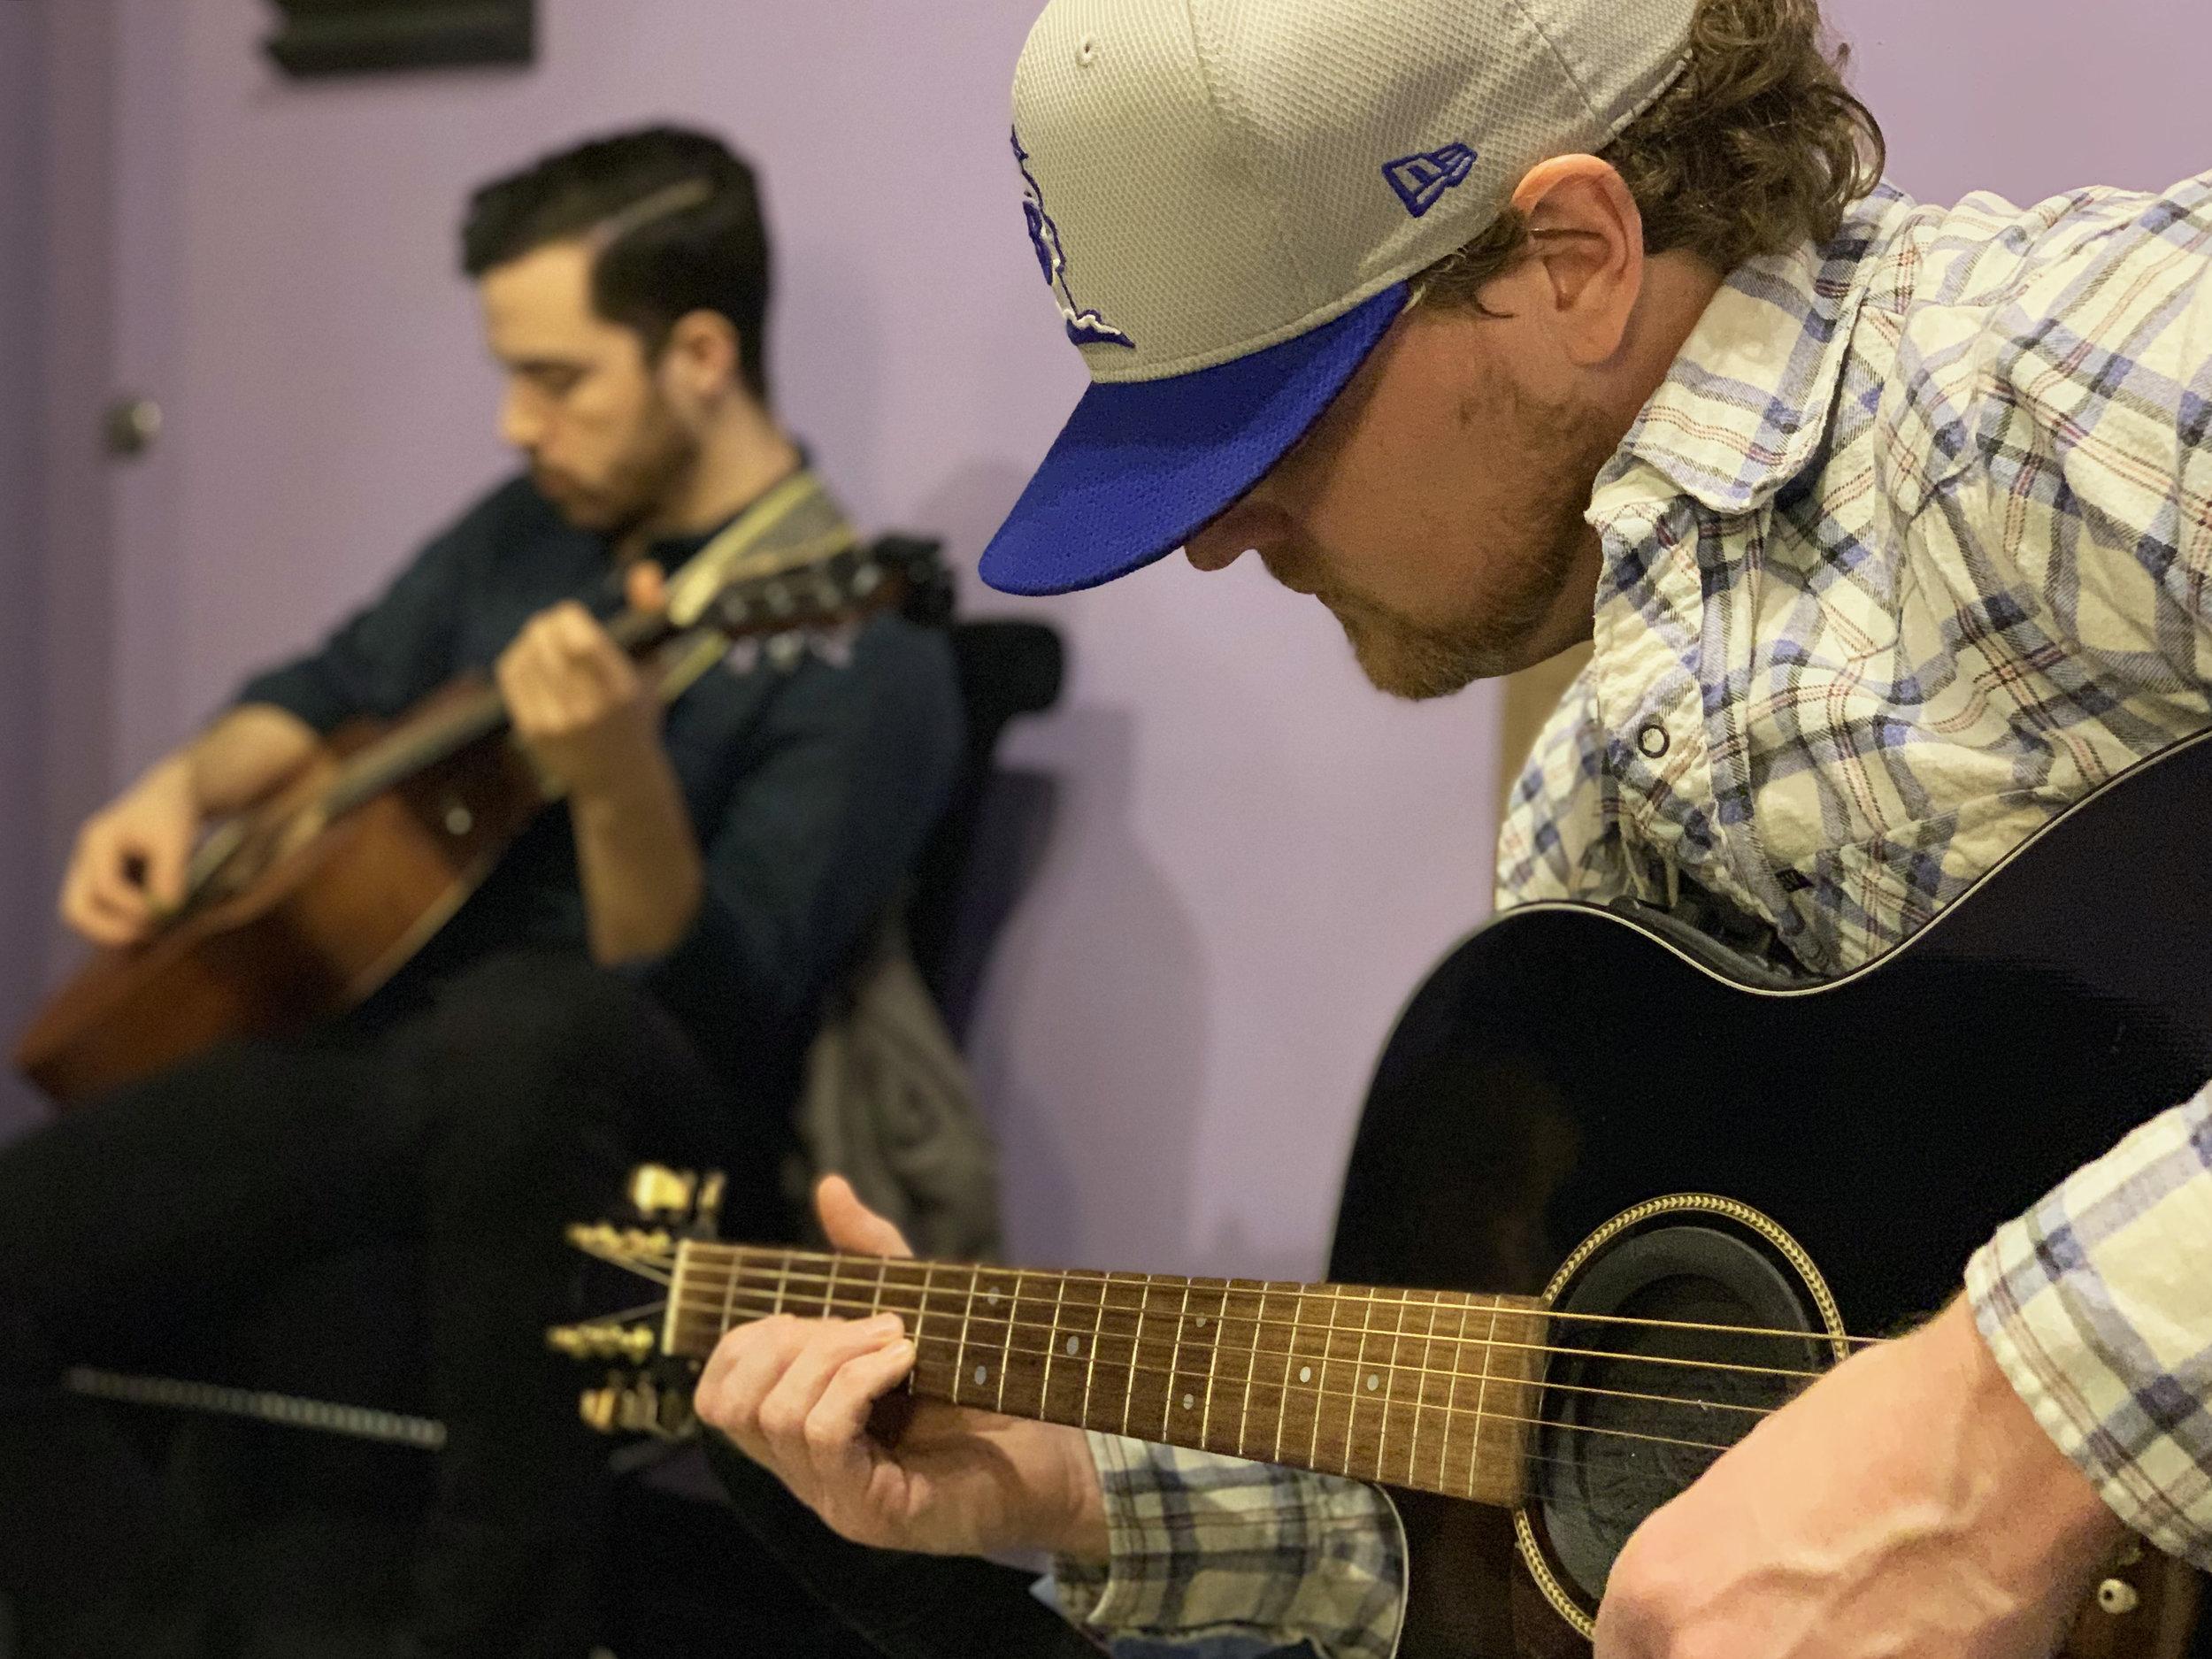 nashville-guitar-guru-guitarcircle-blurry-dudes (2).jpg